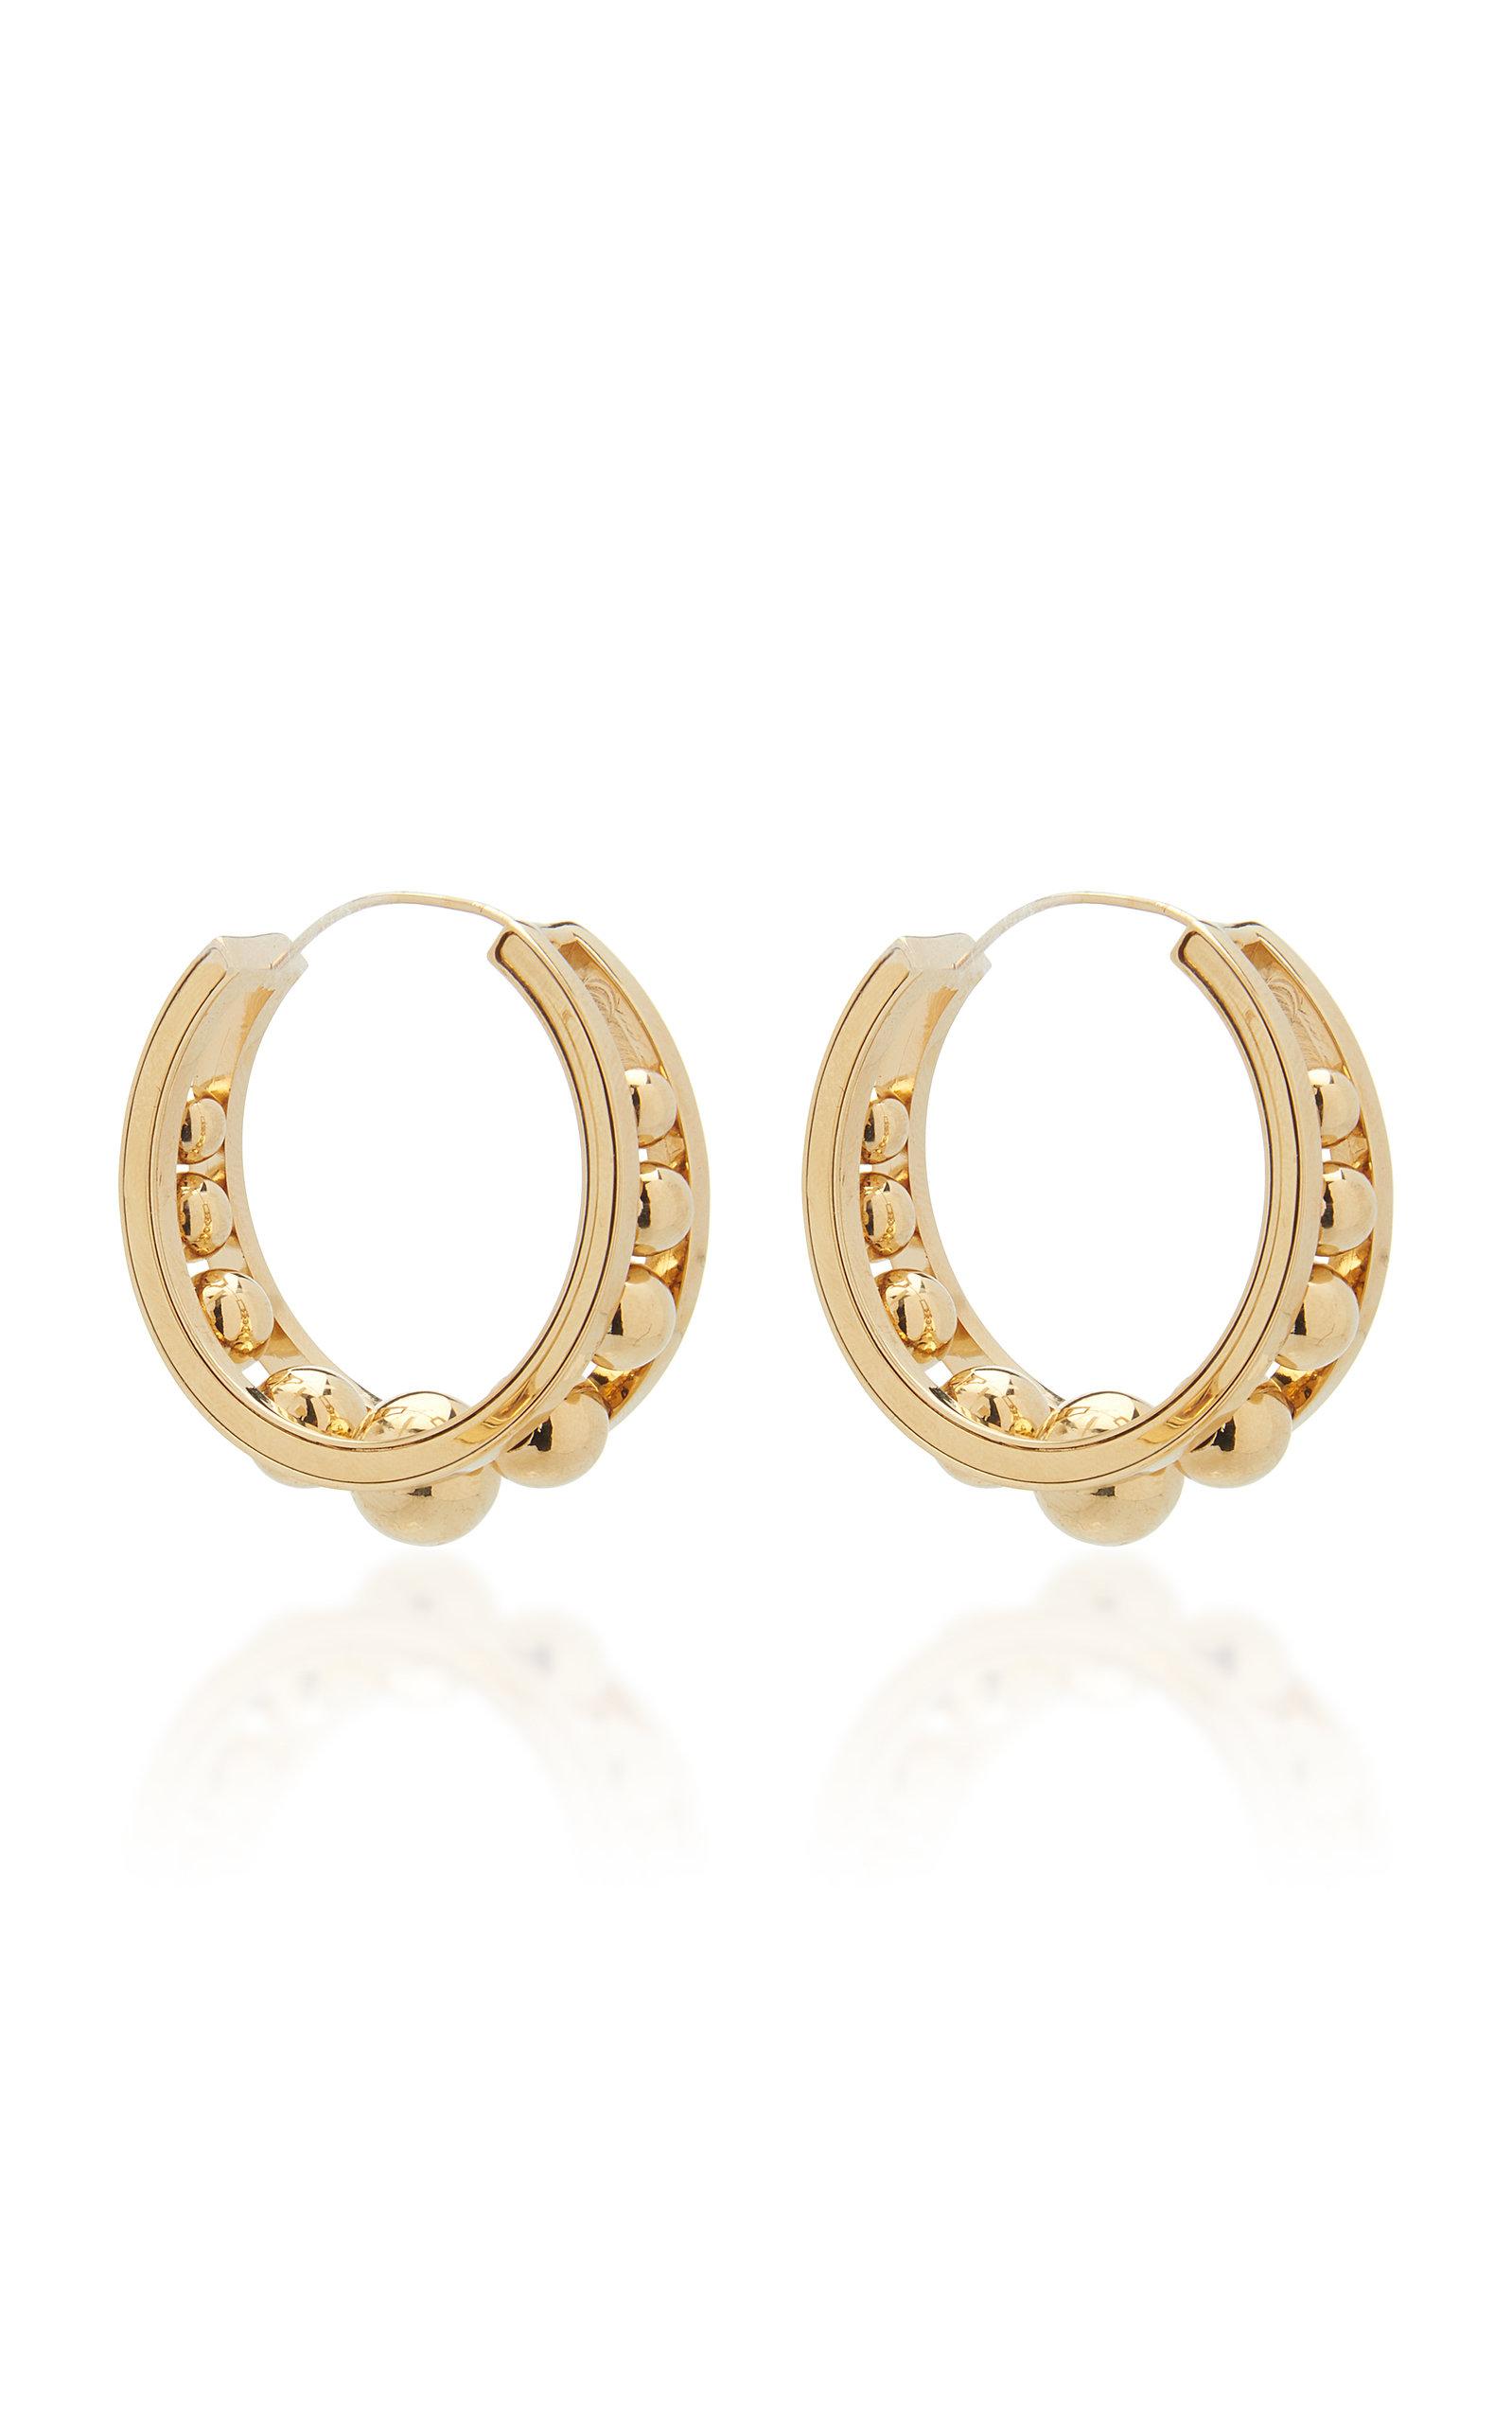 47f486aed70d5 Gold-Tone Metal Hoop Earrings